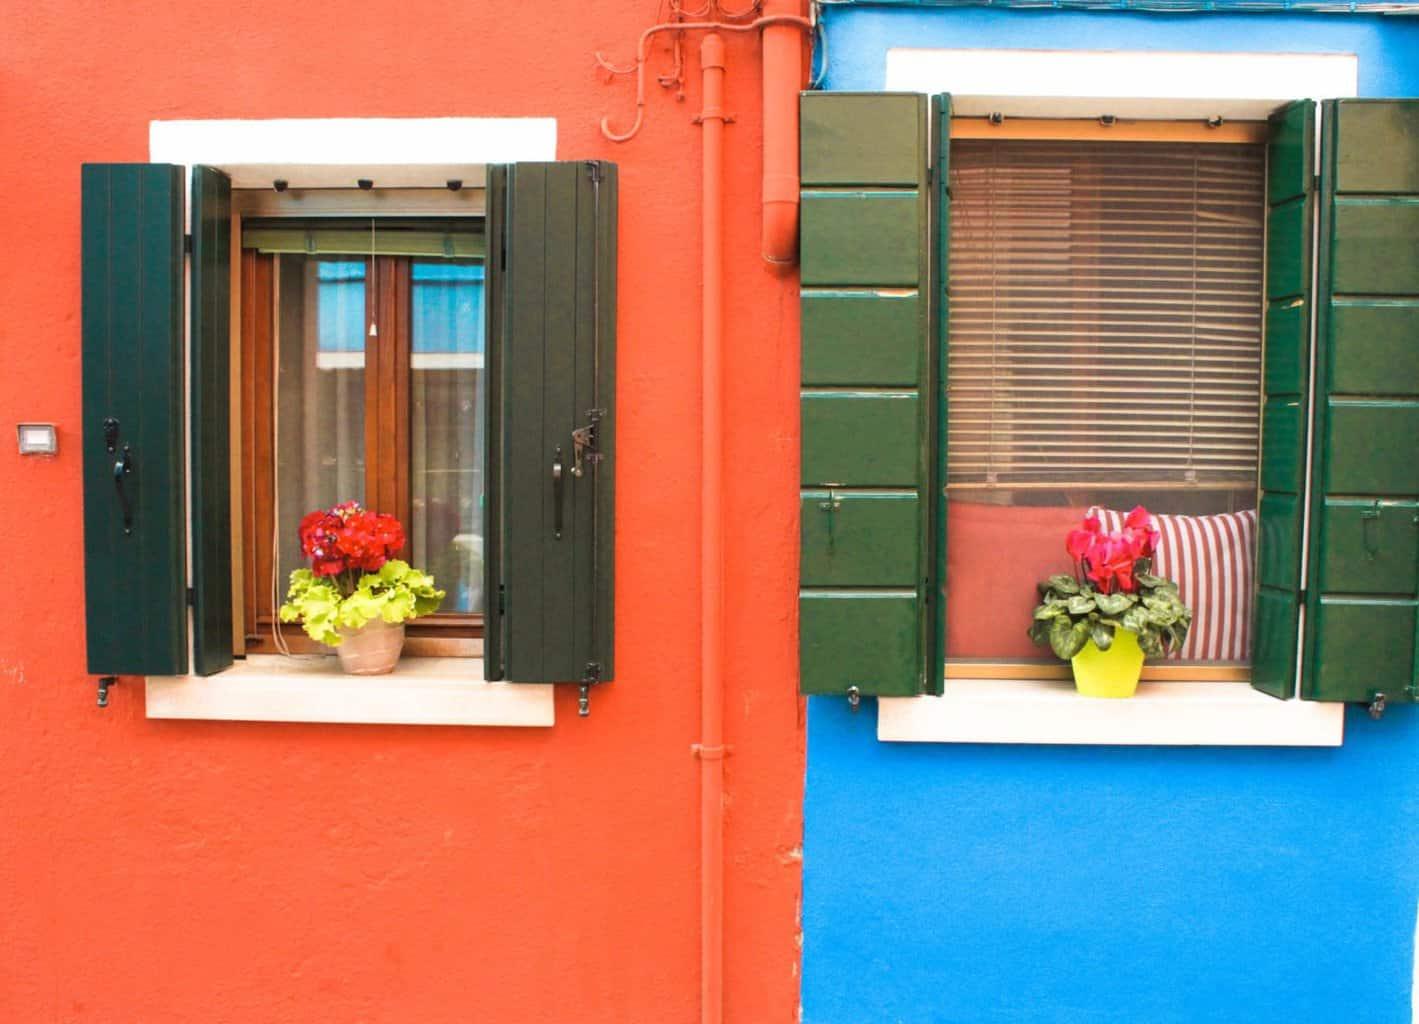 Doorways in Burano